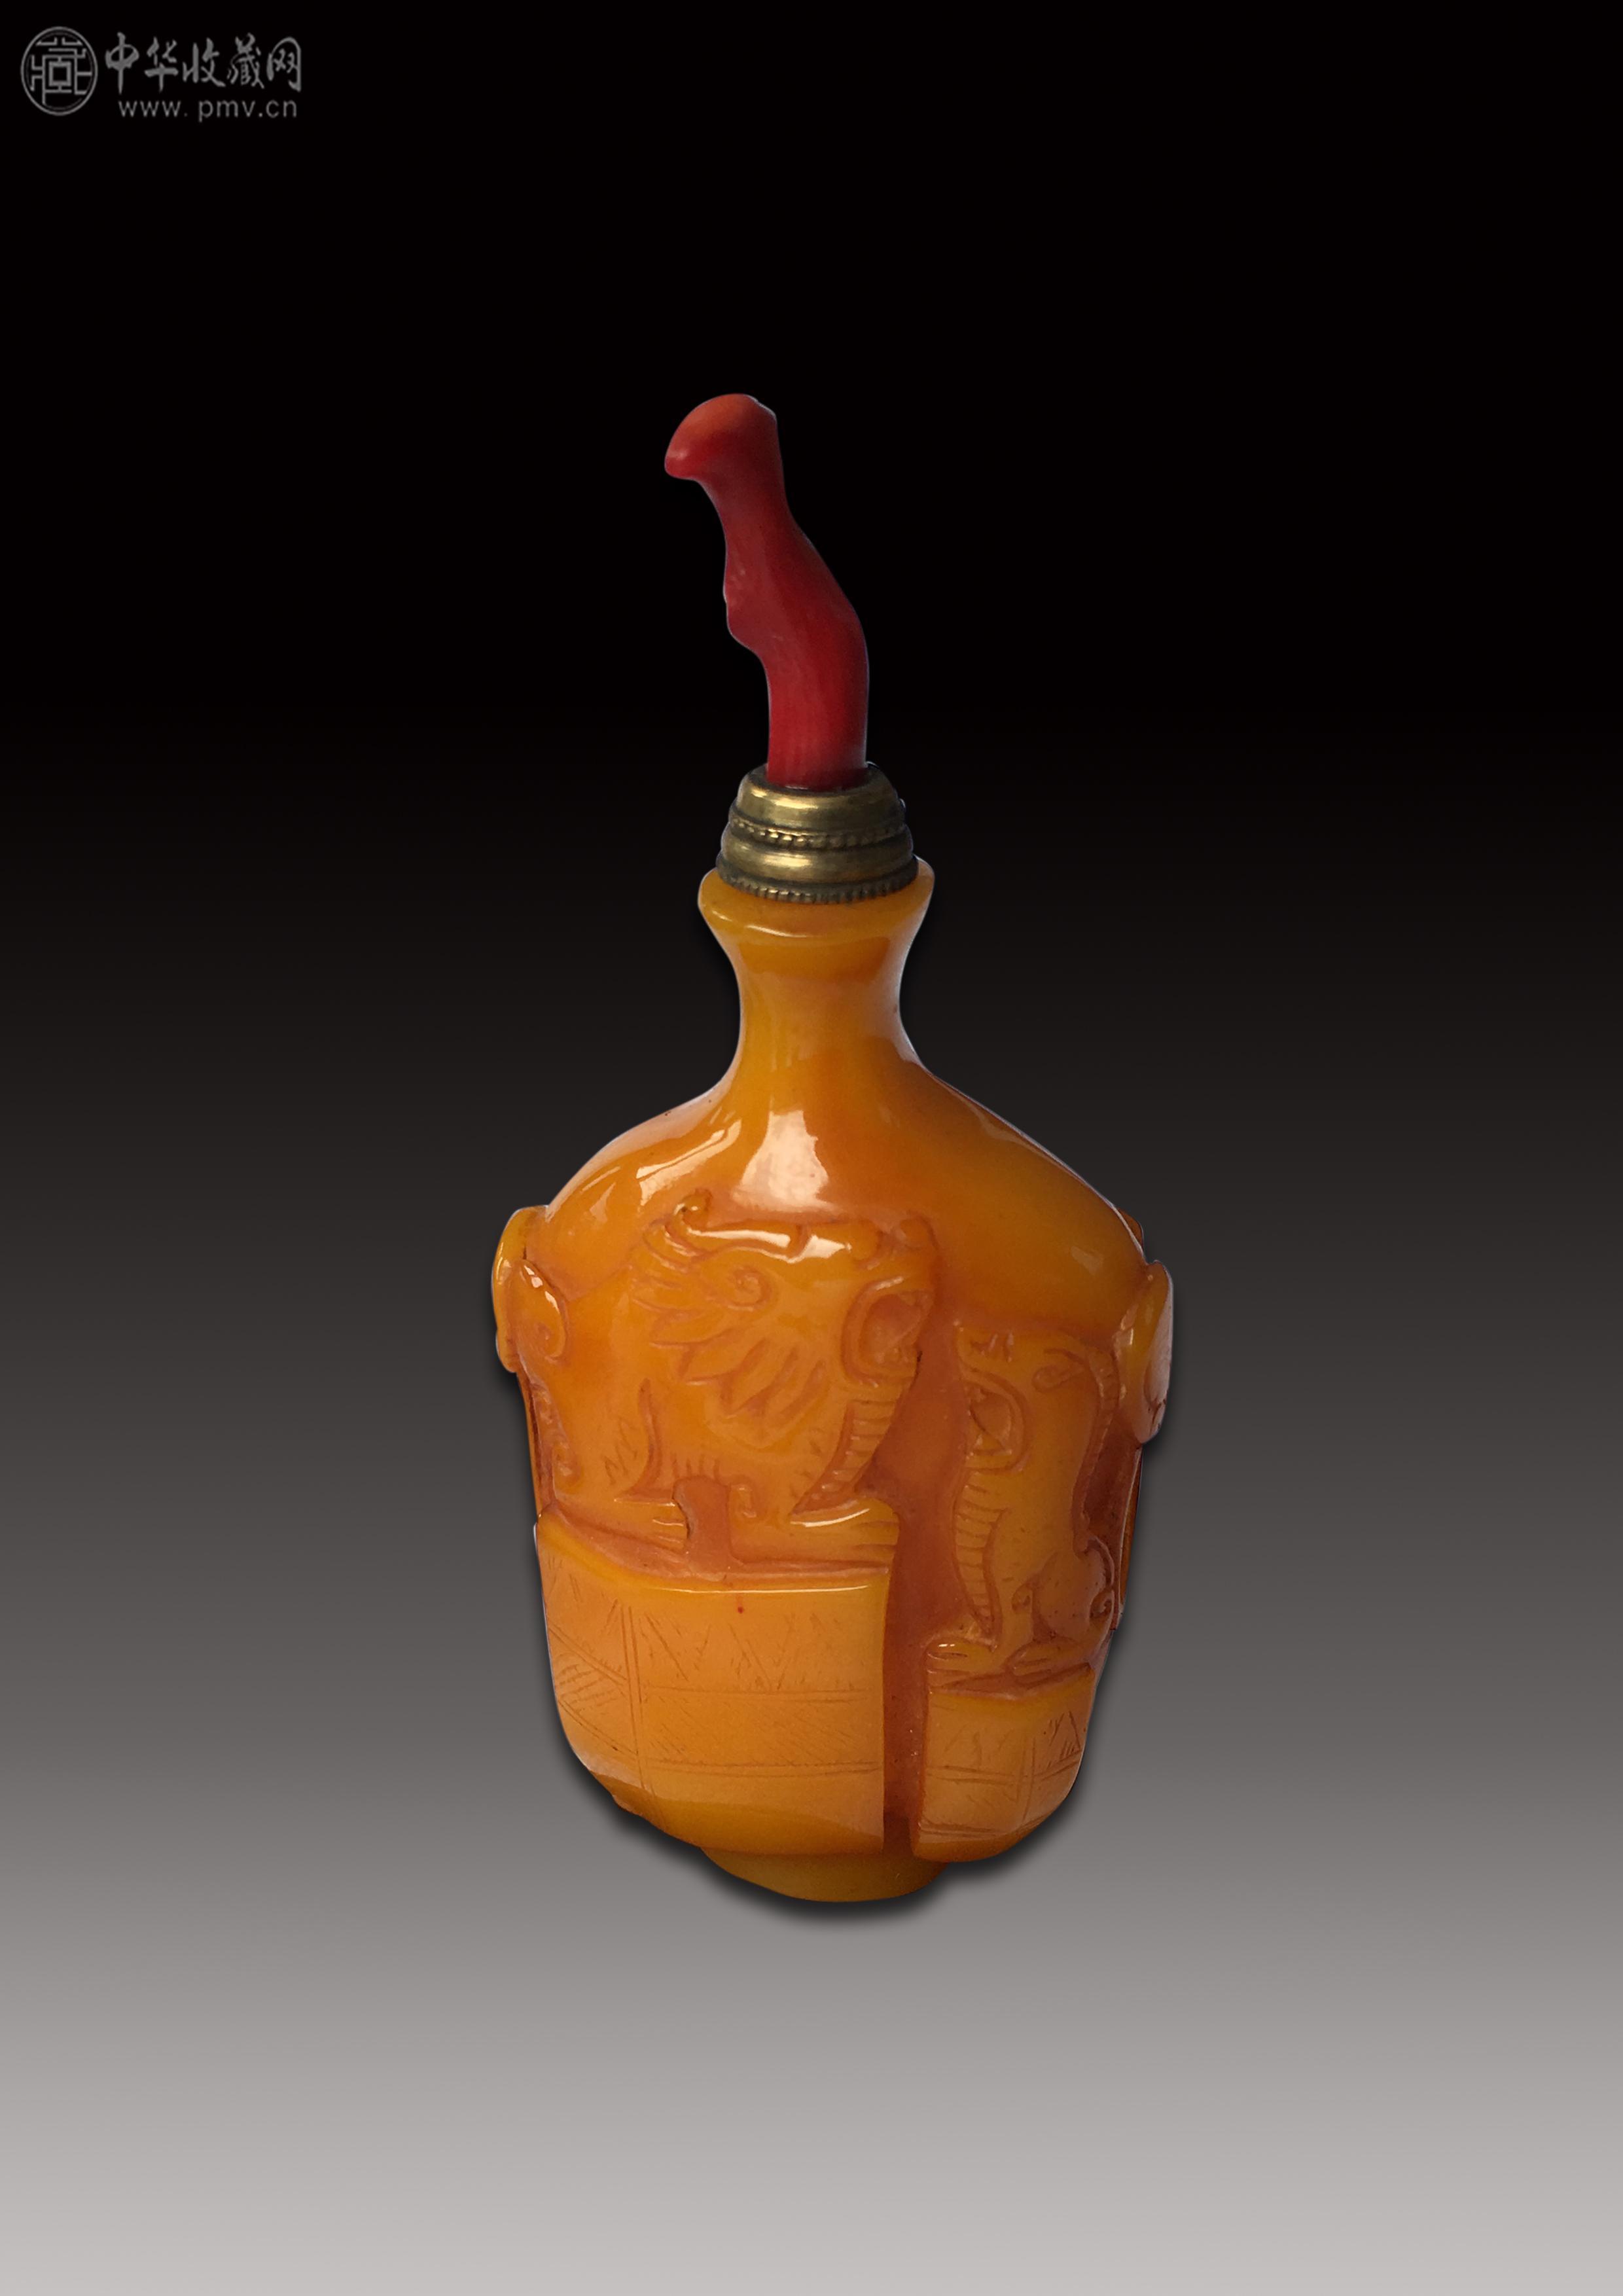 清代 鸡油黄料器双狮纹满工 鼻烟壶图片